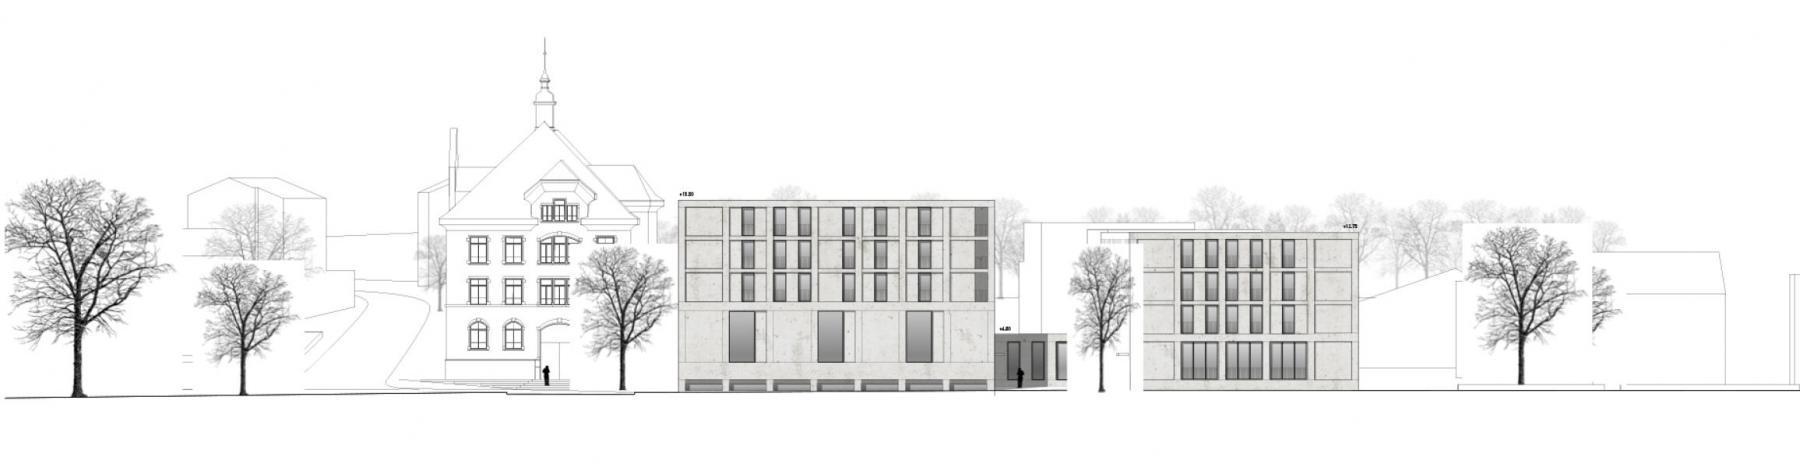 Siegerprojekt vicinia von Leismann, Ansicht Im Grund (Plan: Projektverfassende)